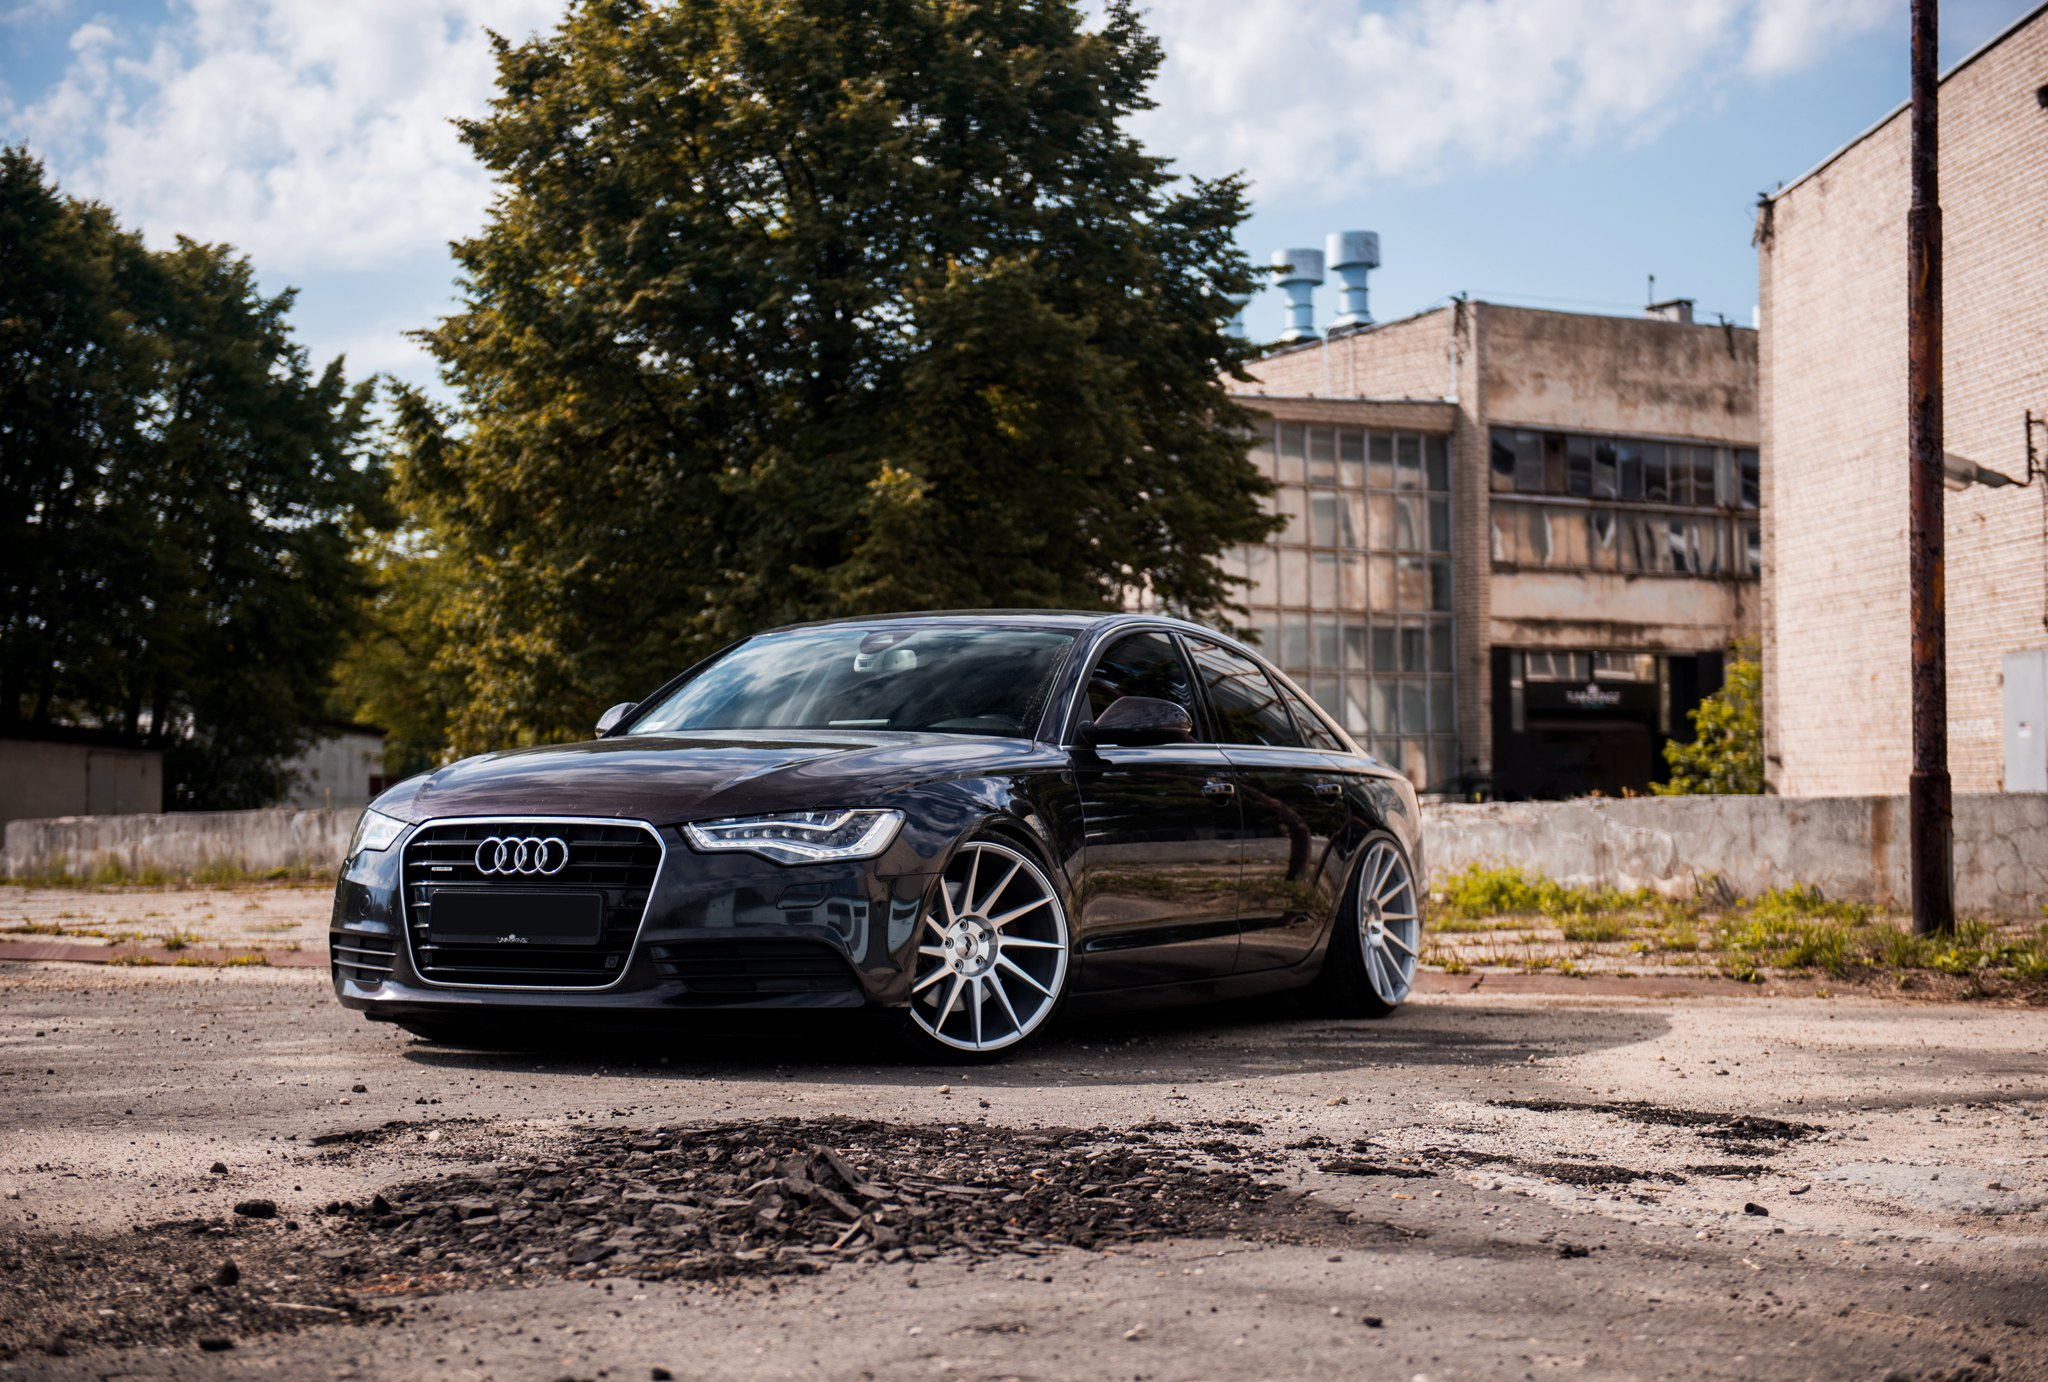 2013 Audi A6 Custom